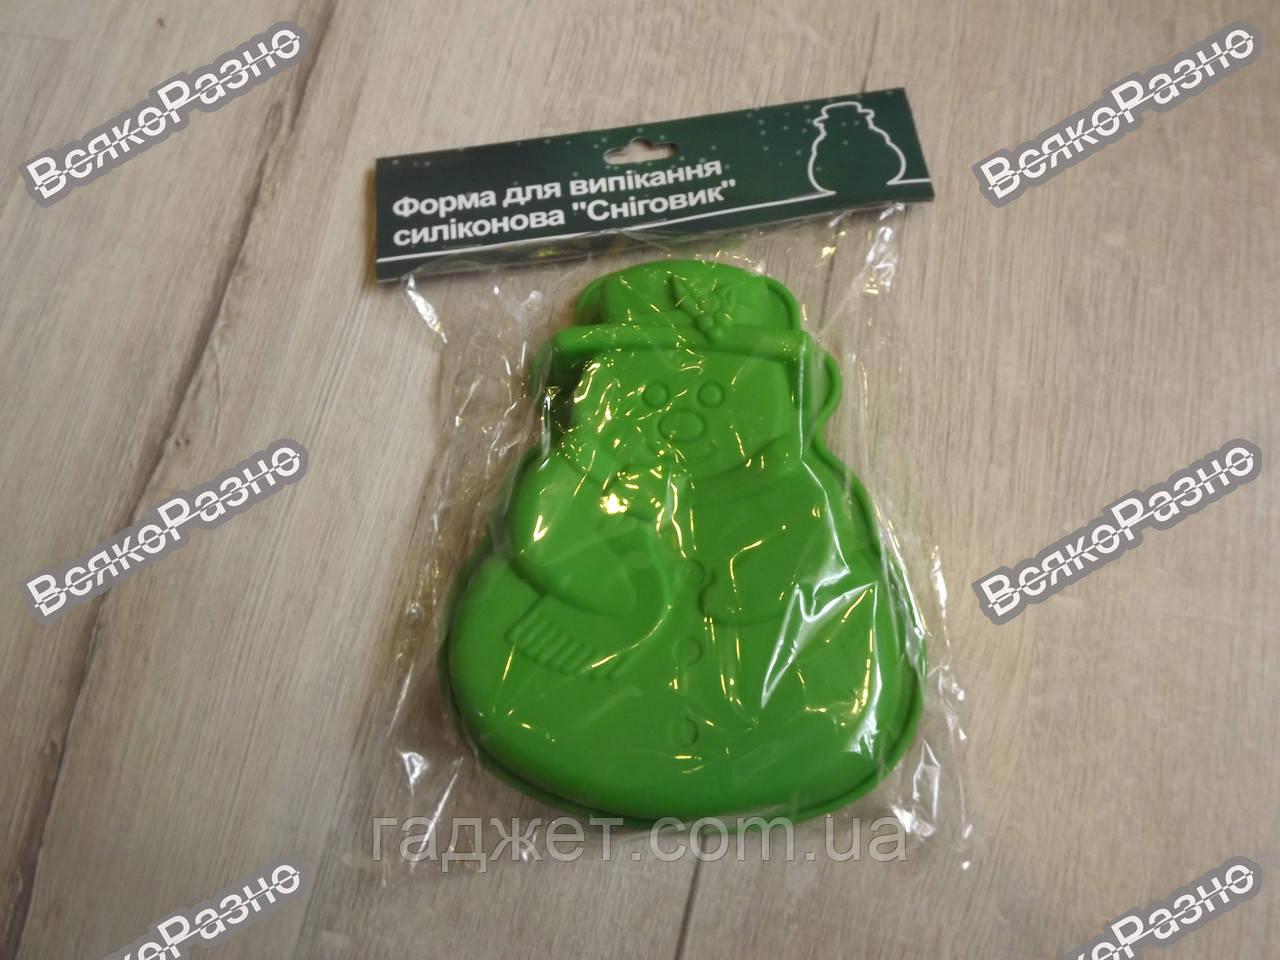 Силиконовая форма для выпечки Снеговик зеленого цвета